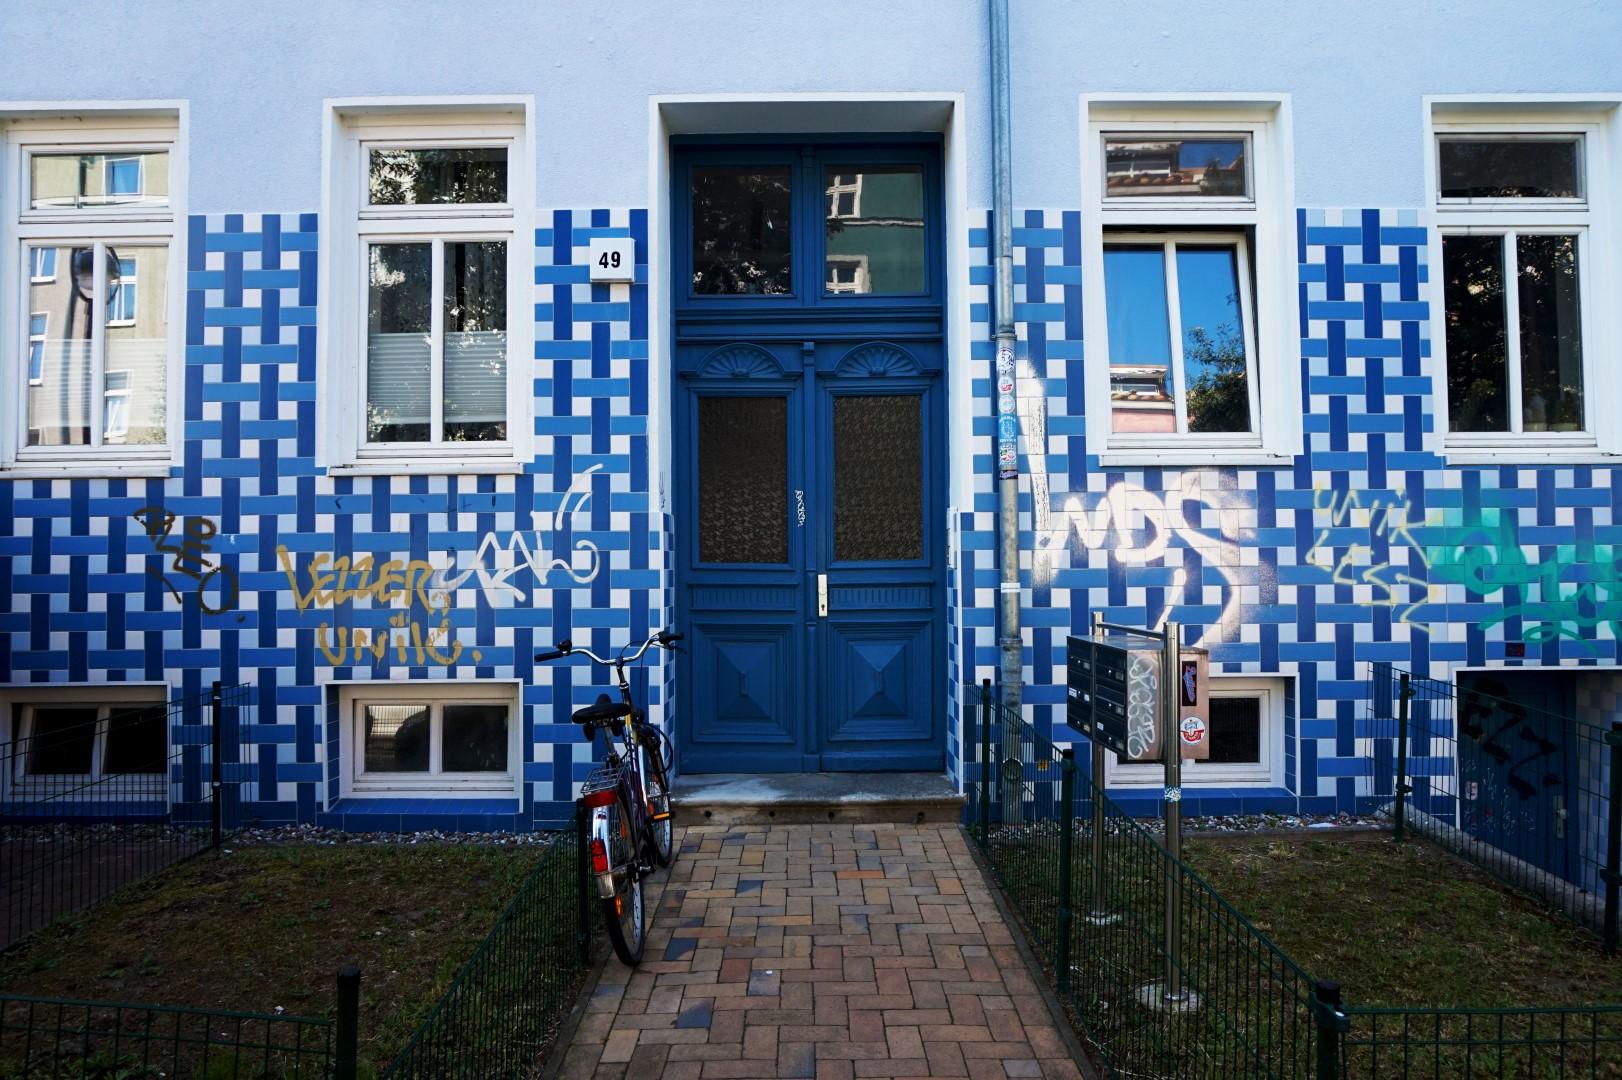 Un jour à Rostock et Warnemünde - City Guide - Blog voyage